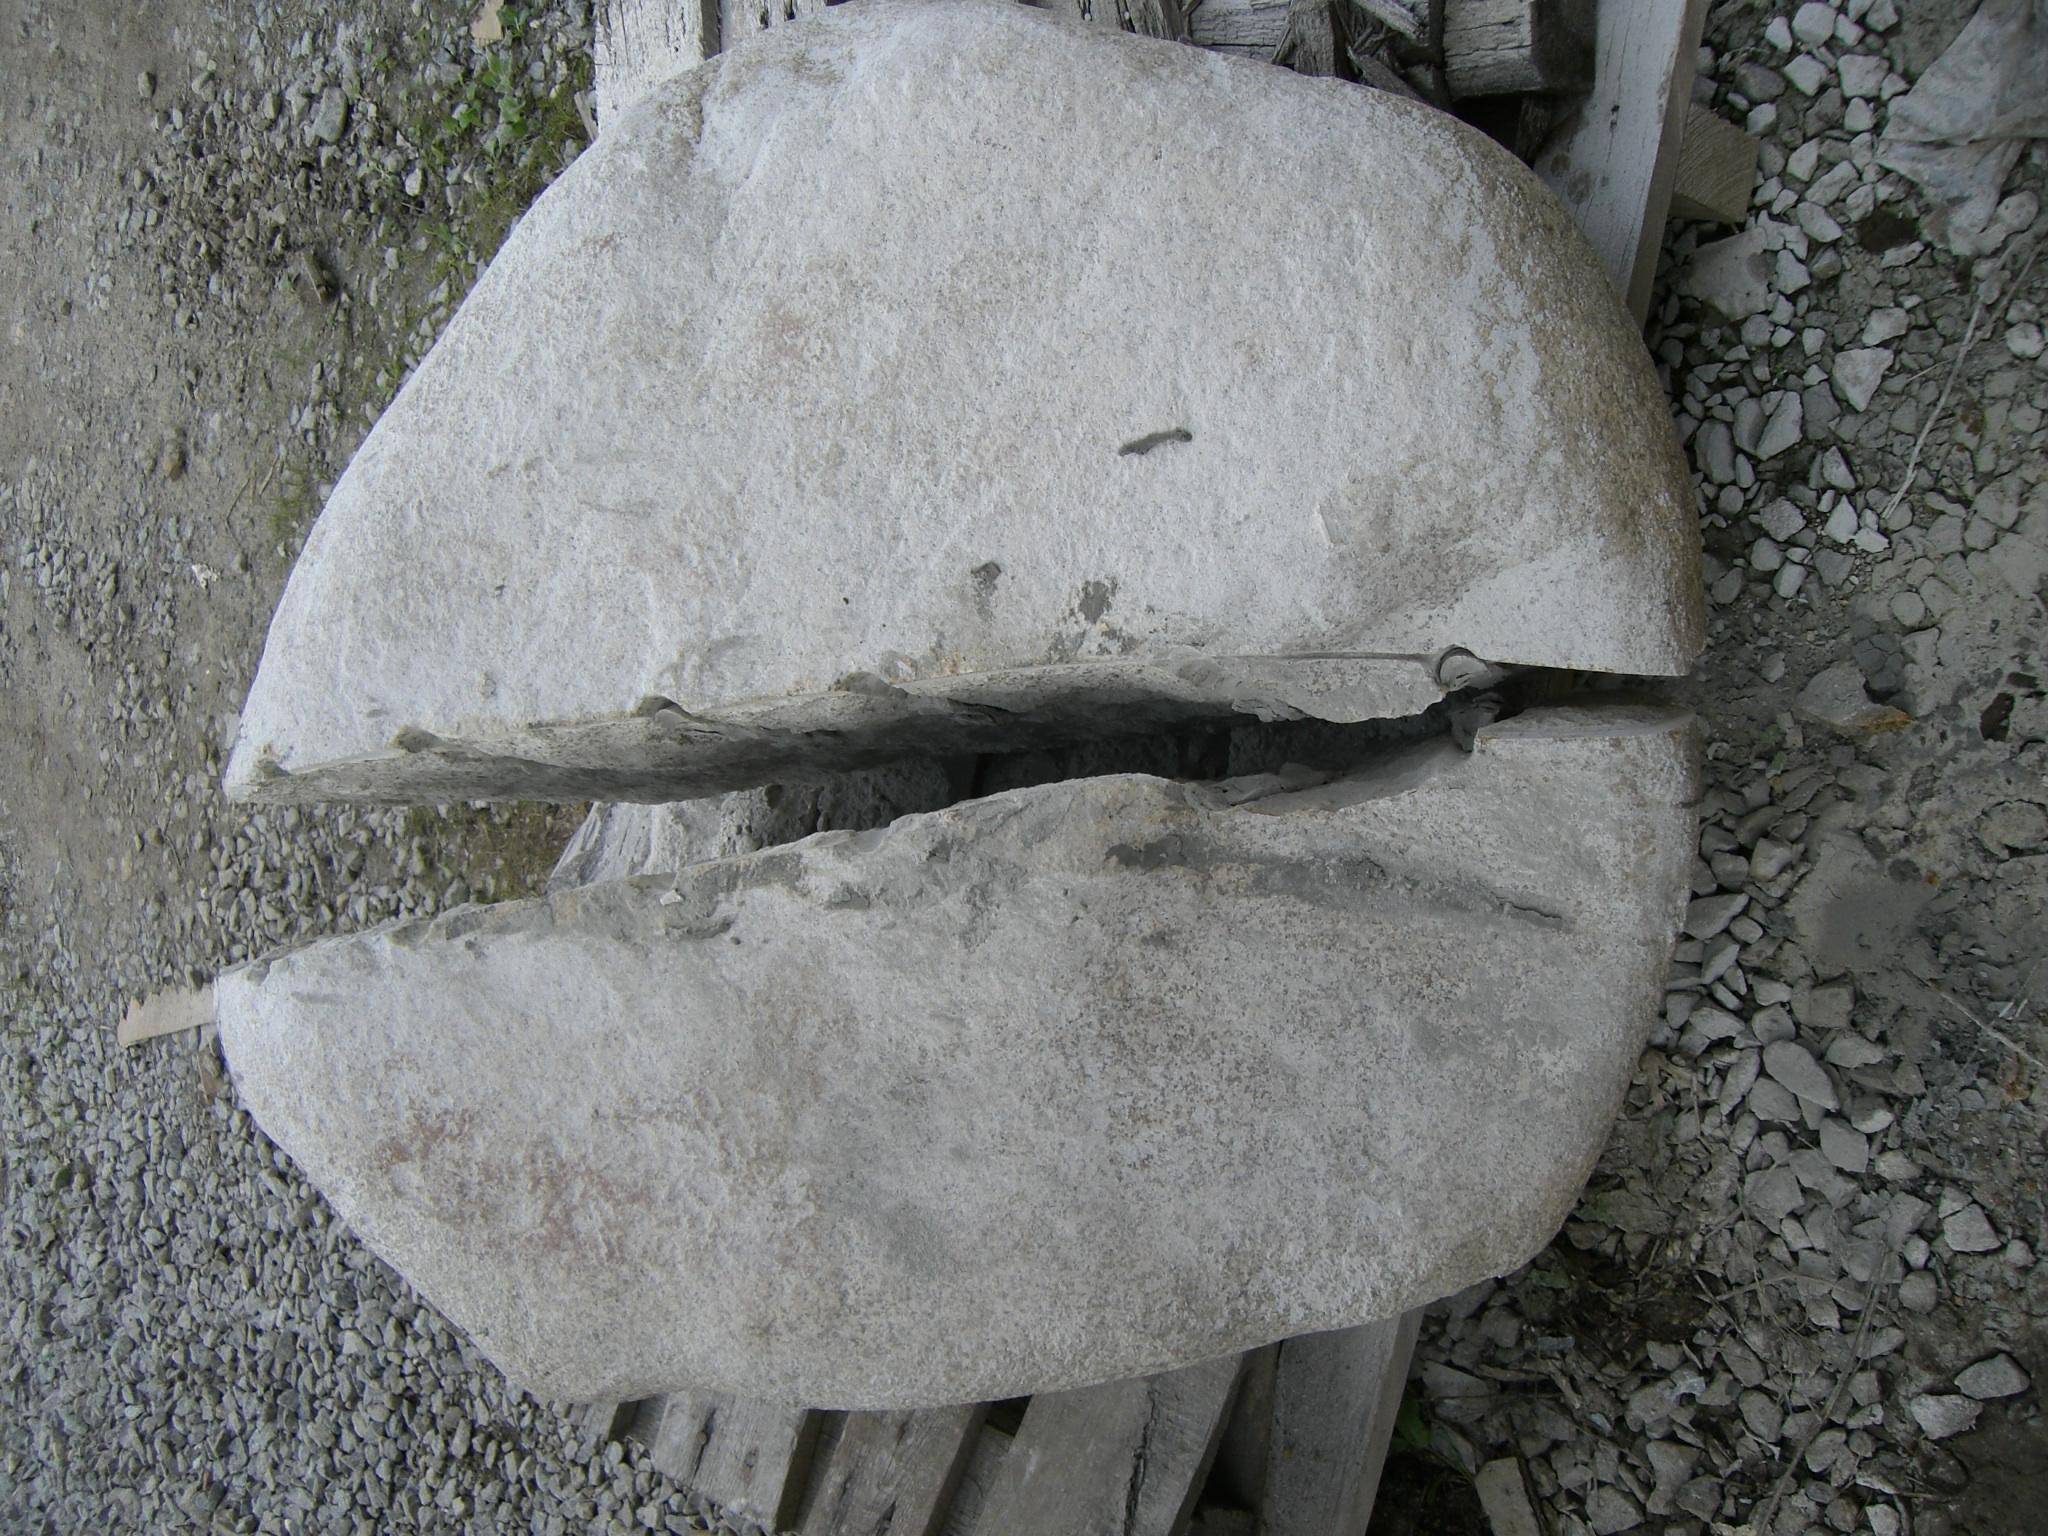 Découpe par moitié d'une boule granit  jaune de 1 500 kg